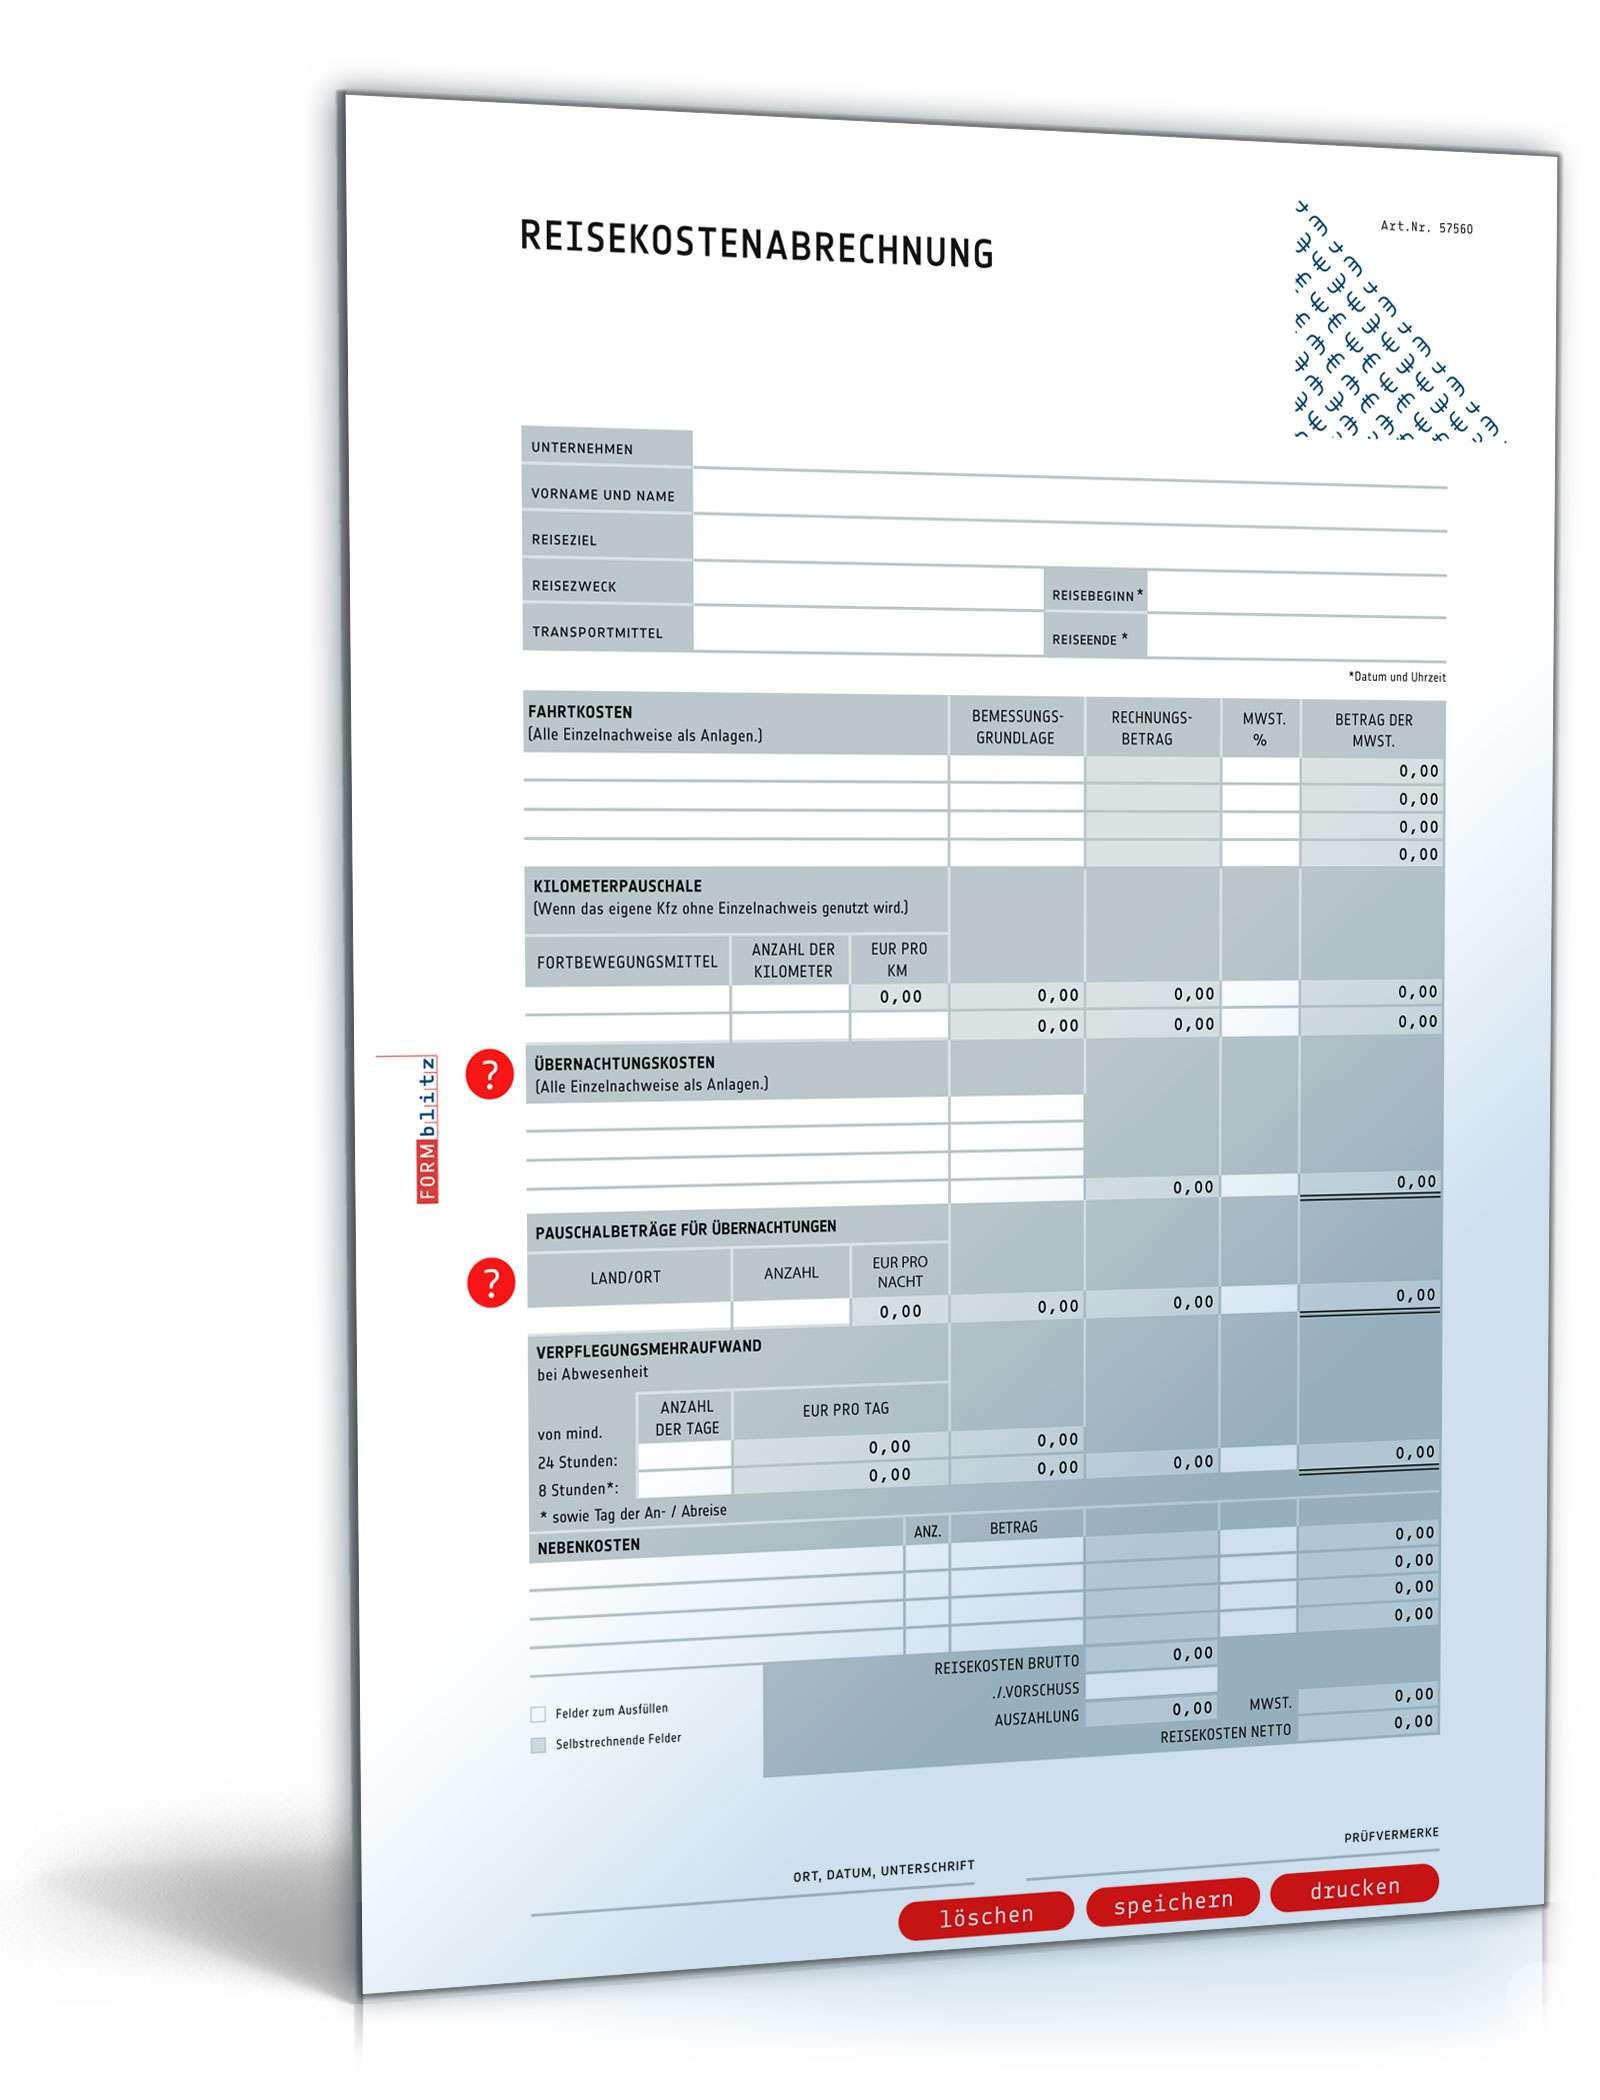 Reisekostenabrechnung 2018: Selbstrechnendes Muster downloaden